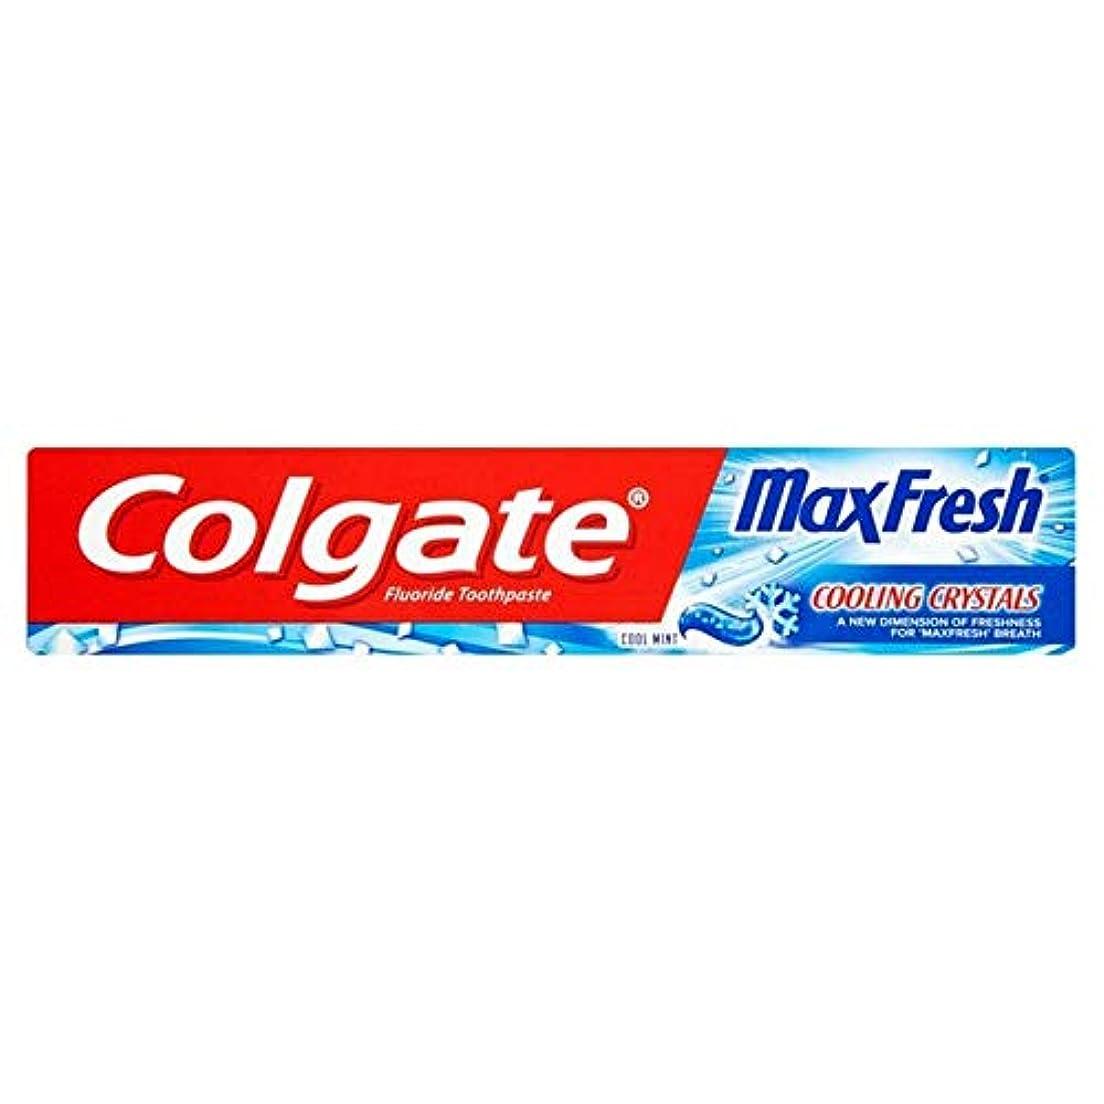 あなたは遅滞発言する[Colgate ] 冷却結晶歯磨き粉75ミリリットル新鮮なコルゲートマックス - Colgate Max Fresh with Cooling Crystals Toothpaste 75ml [並行輸入品]